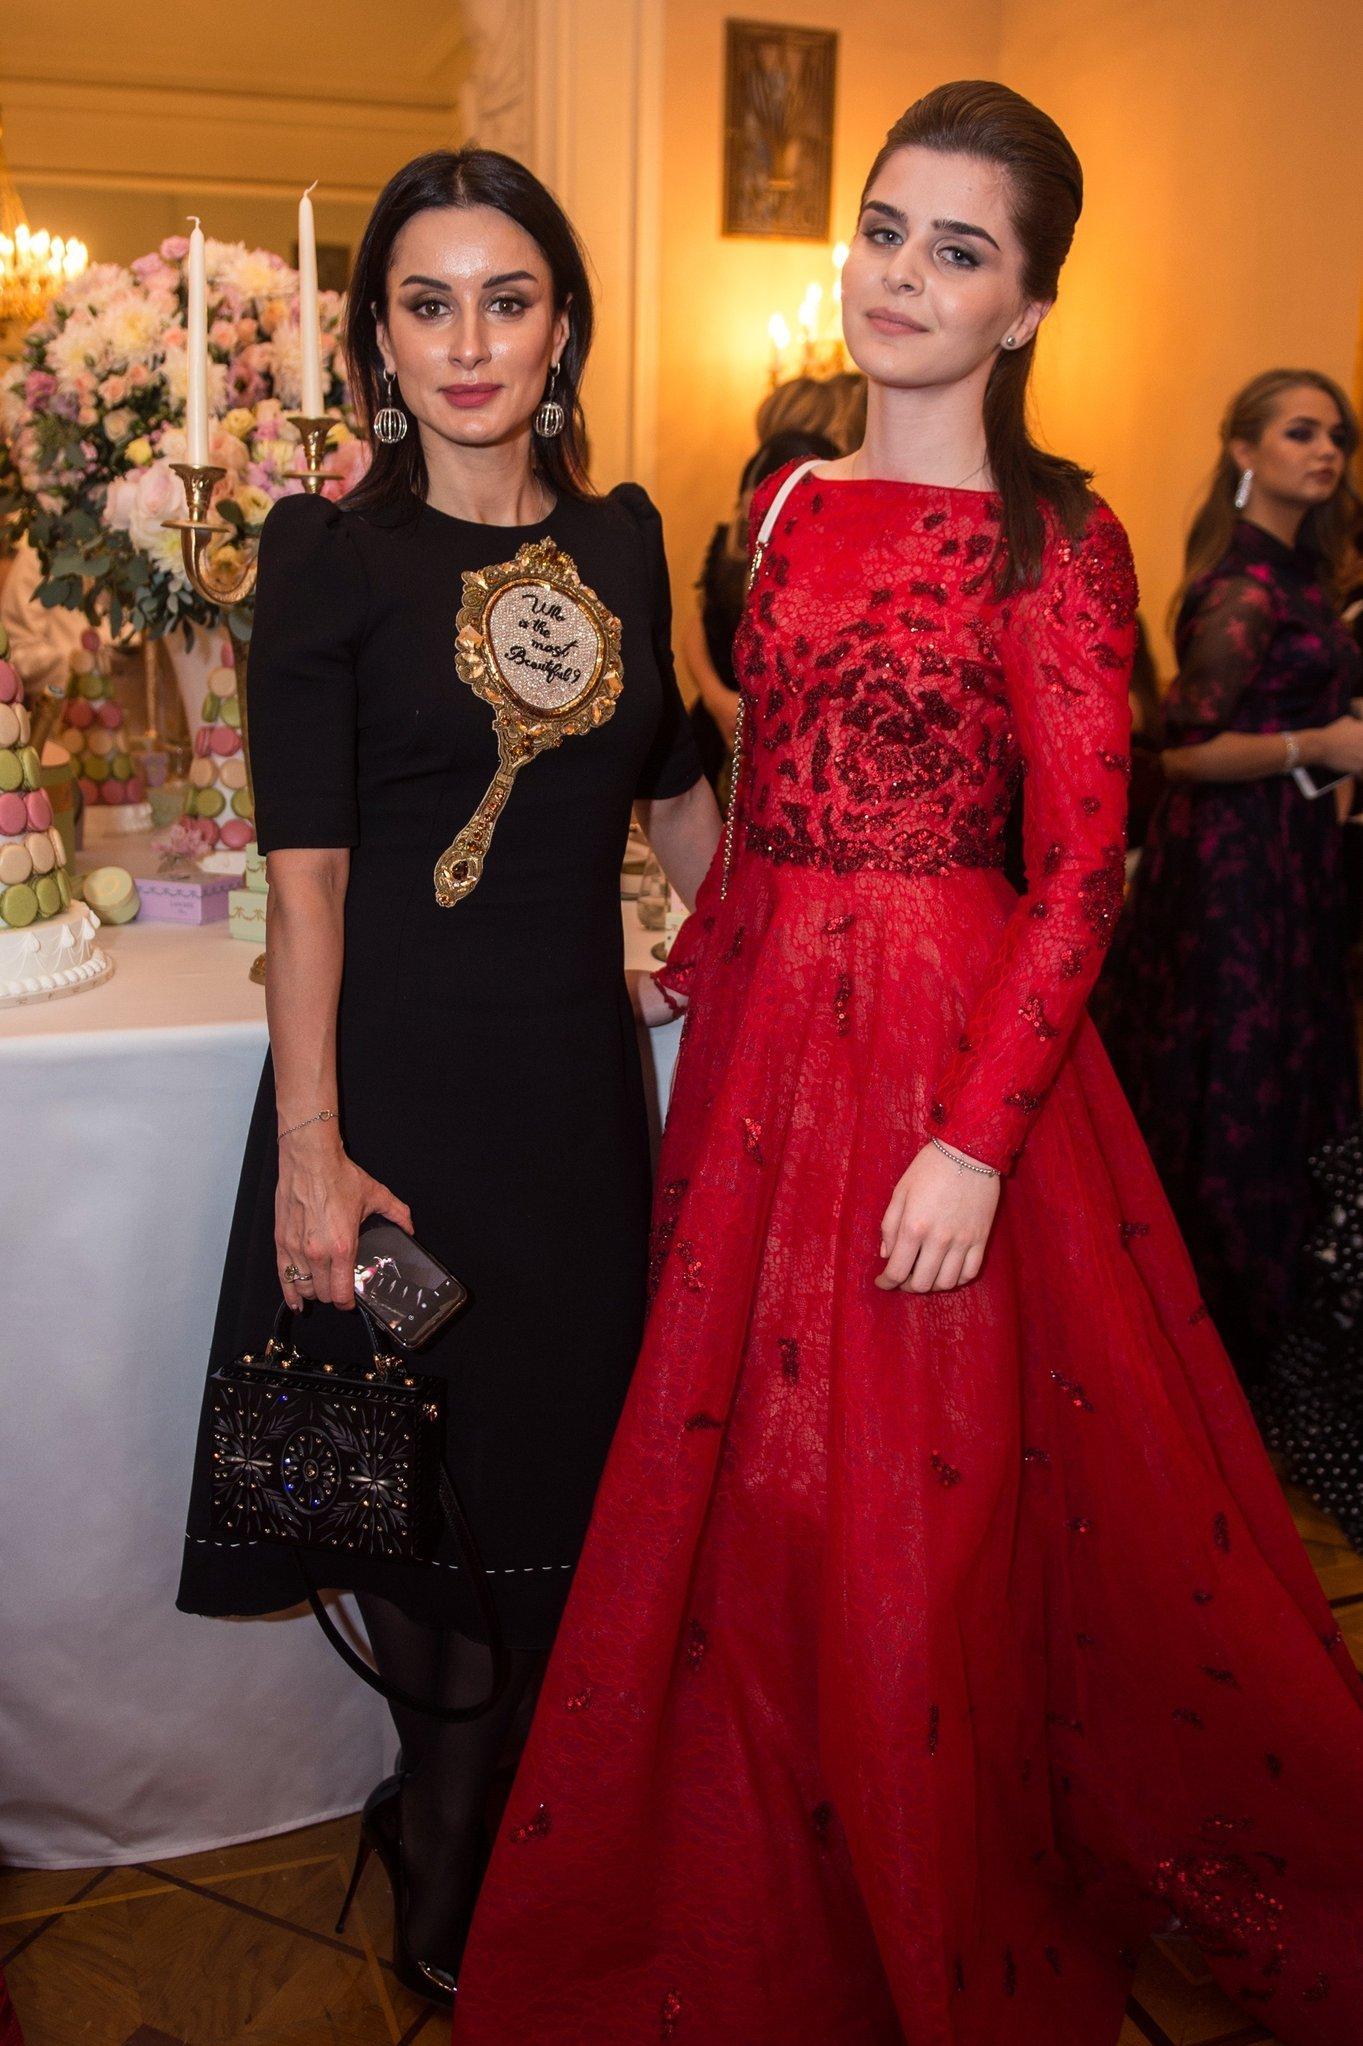 Генеральный продюсер канала Матч ТВ Тина Канделаки и ее дочь Мелания Кондрахина на балу дебютанток журнала Tatler в Колонном Зале Дома Союзов